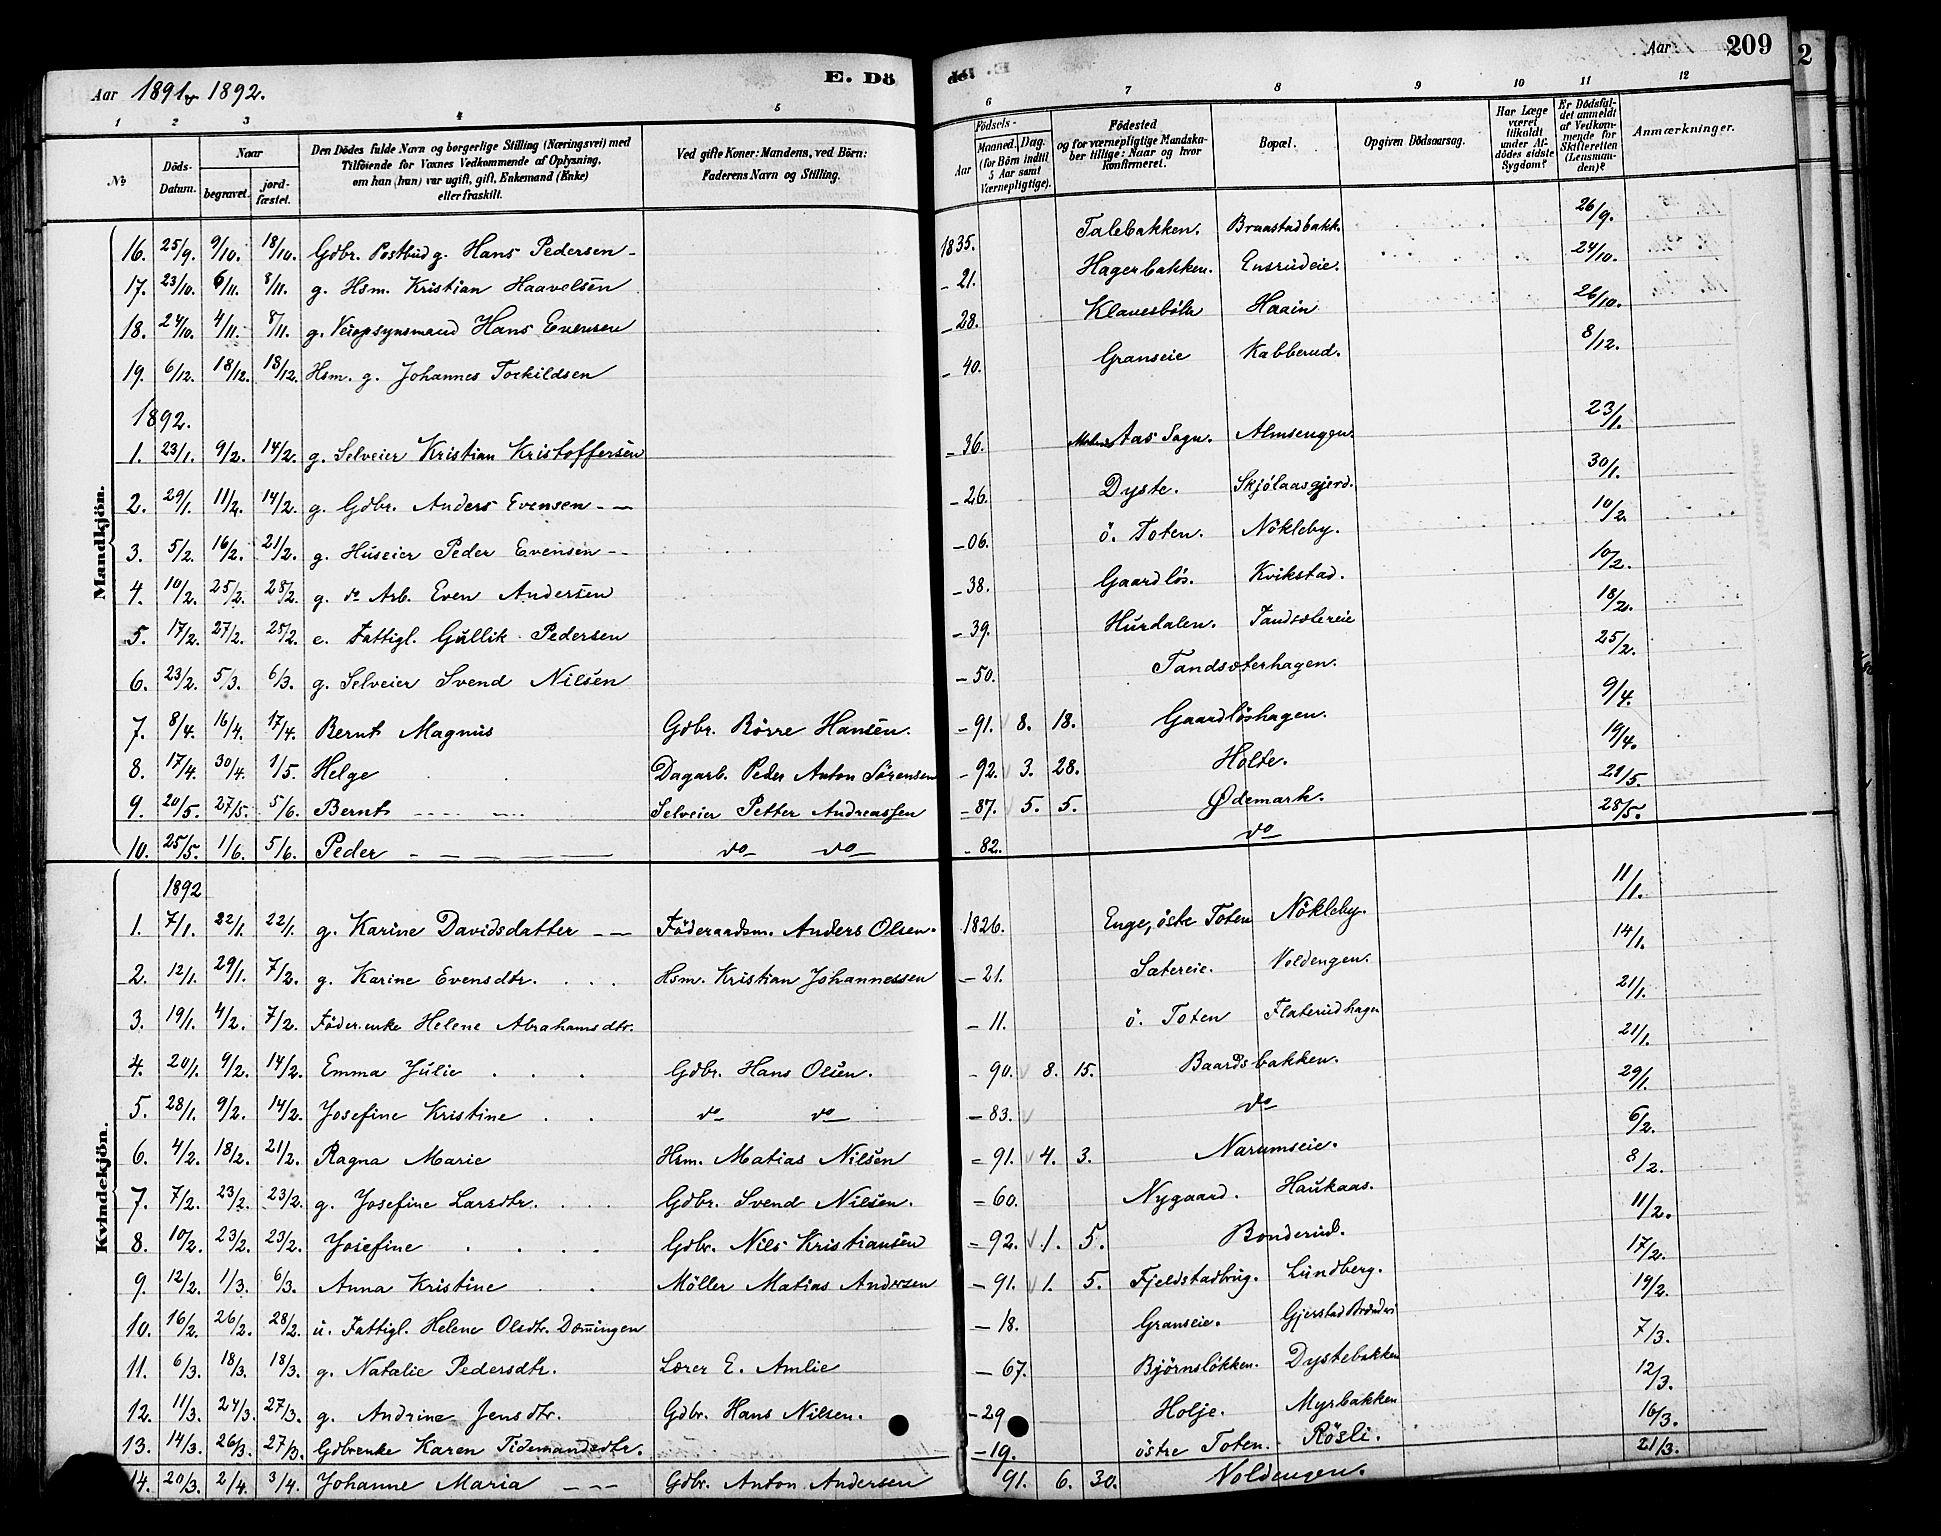 SAH, Vestre Toten prestekontor, Ministerialbok nr. 10, 1878-1894, s. 209